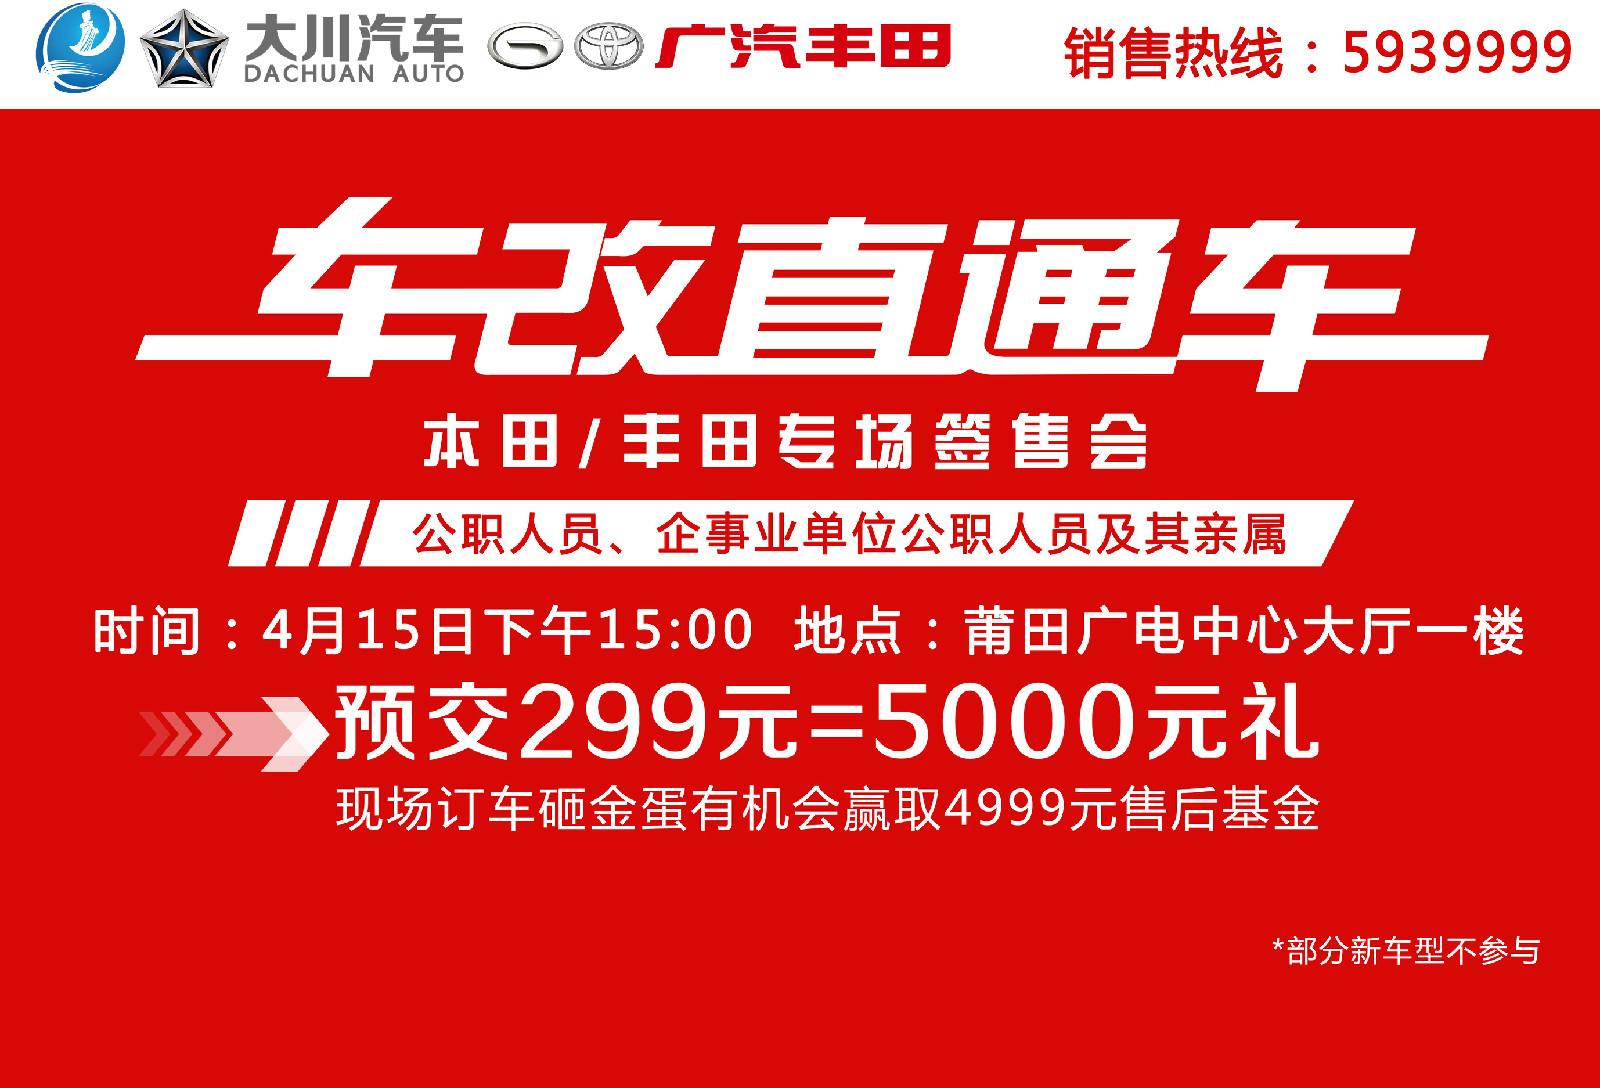 """莆田""""车改直通车""""专场签售会 价享五一"""